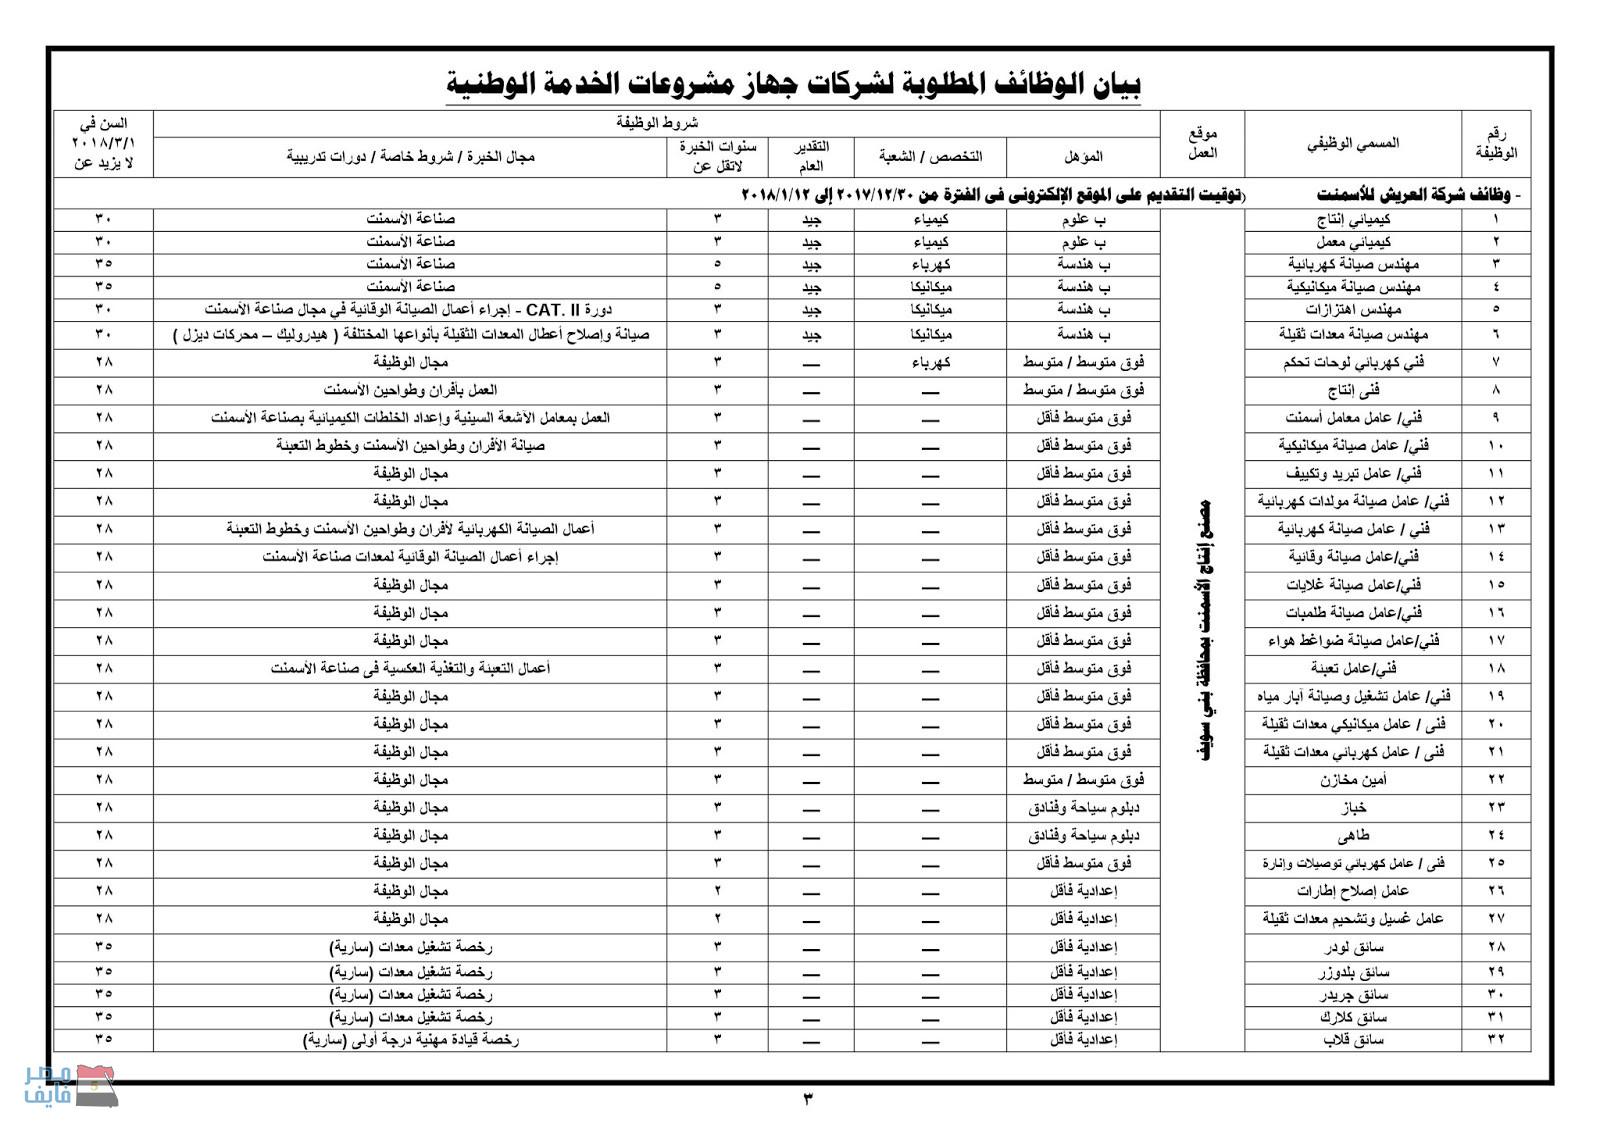 وظائف وزارة الدفاع في عدد من المحافظات لجميع المؤهلات العلمية والتقديم حتى 12 فبراير 3